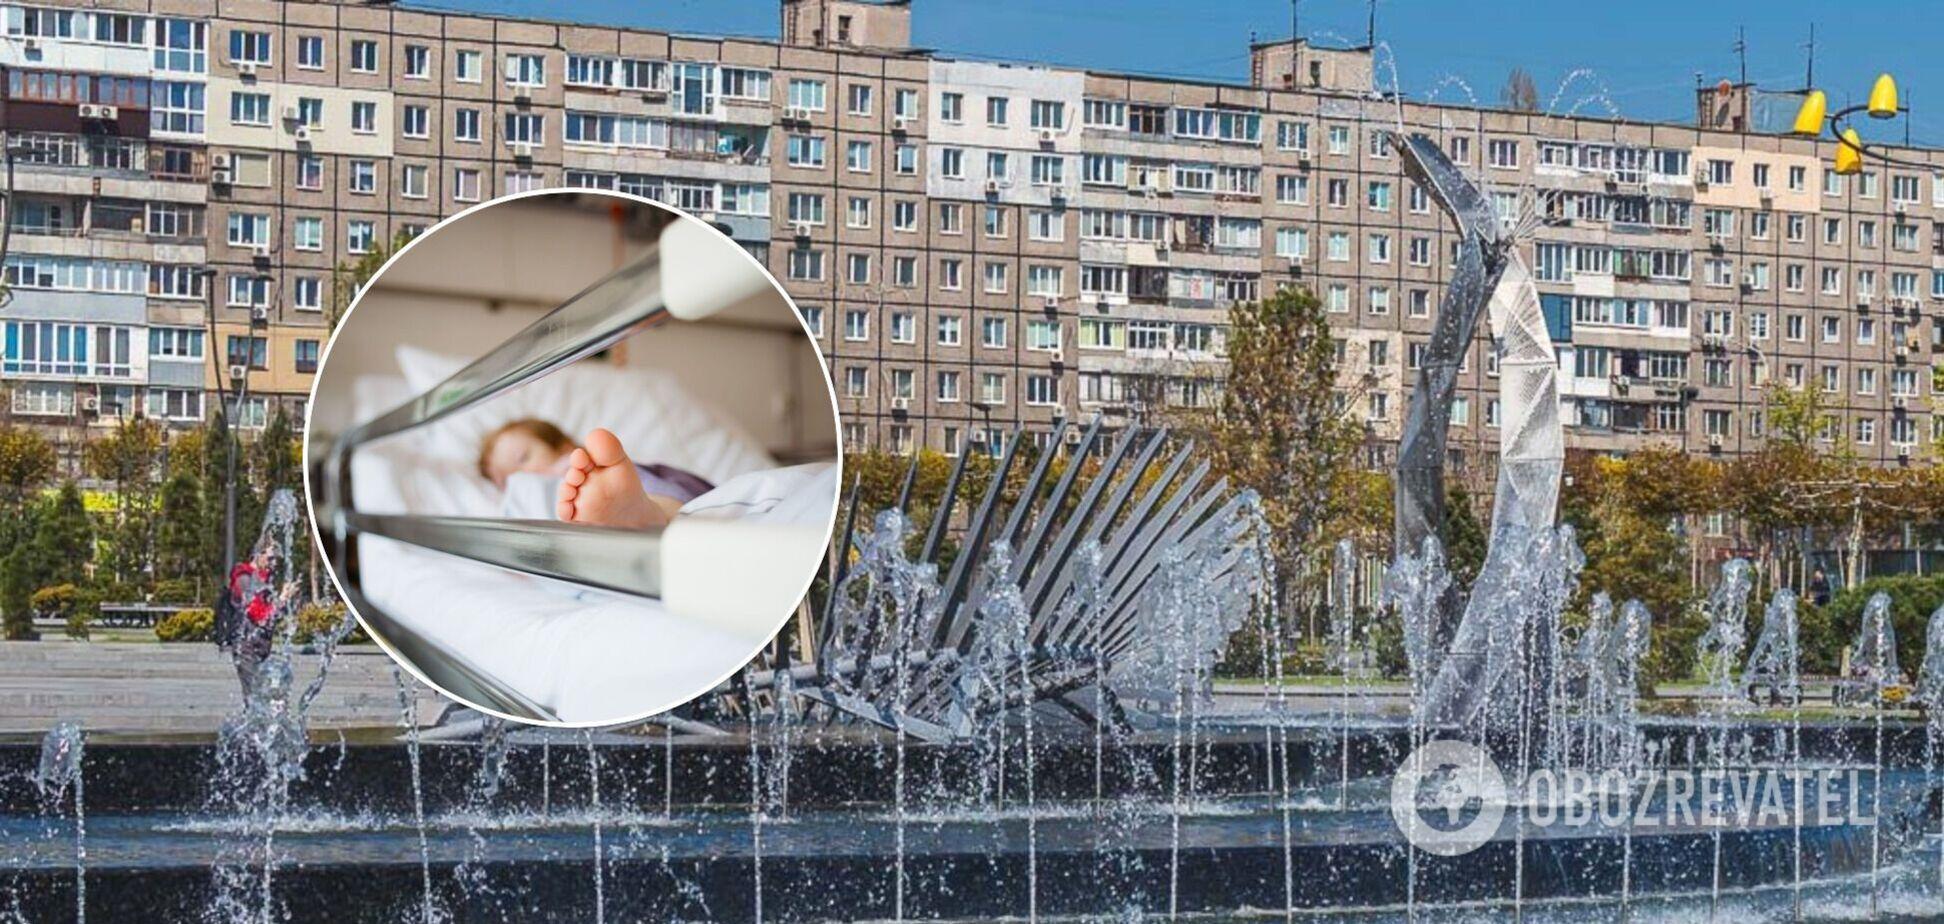 В Днепре 4-летний ребенок умер после падения в фонтане. Видео